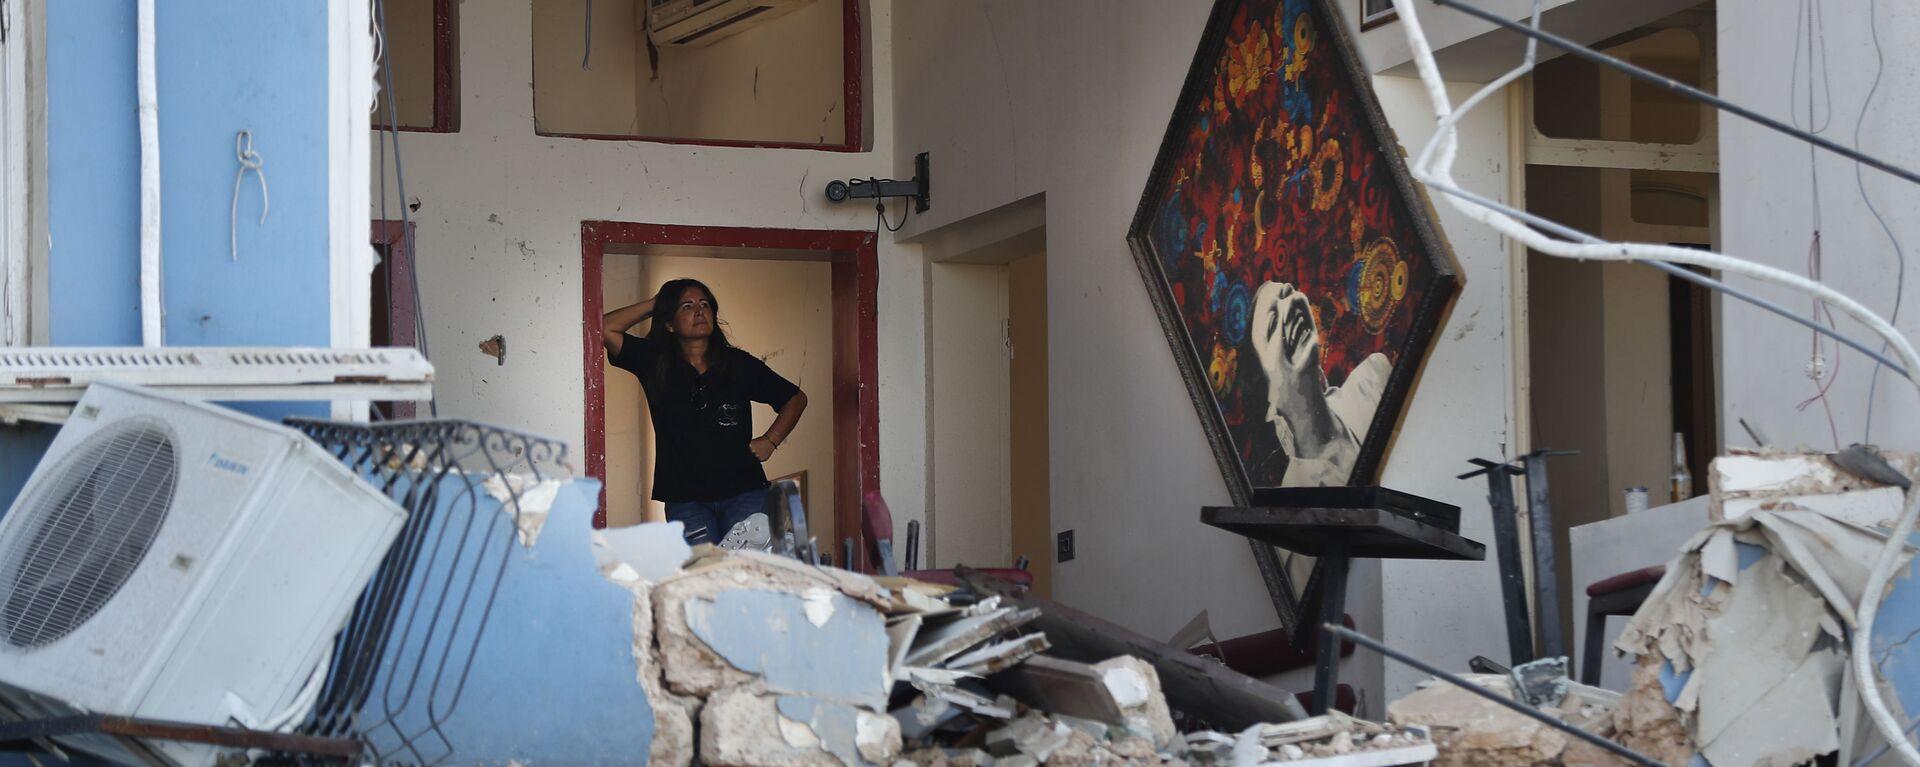 Una mujer se encuentra dentro de un restaurante dañado por la explosión en el puerto de Beirut, Líbano. 5 de agosto de 2020 - Sputnik Mundo, 1920, 03.08.2021